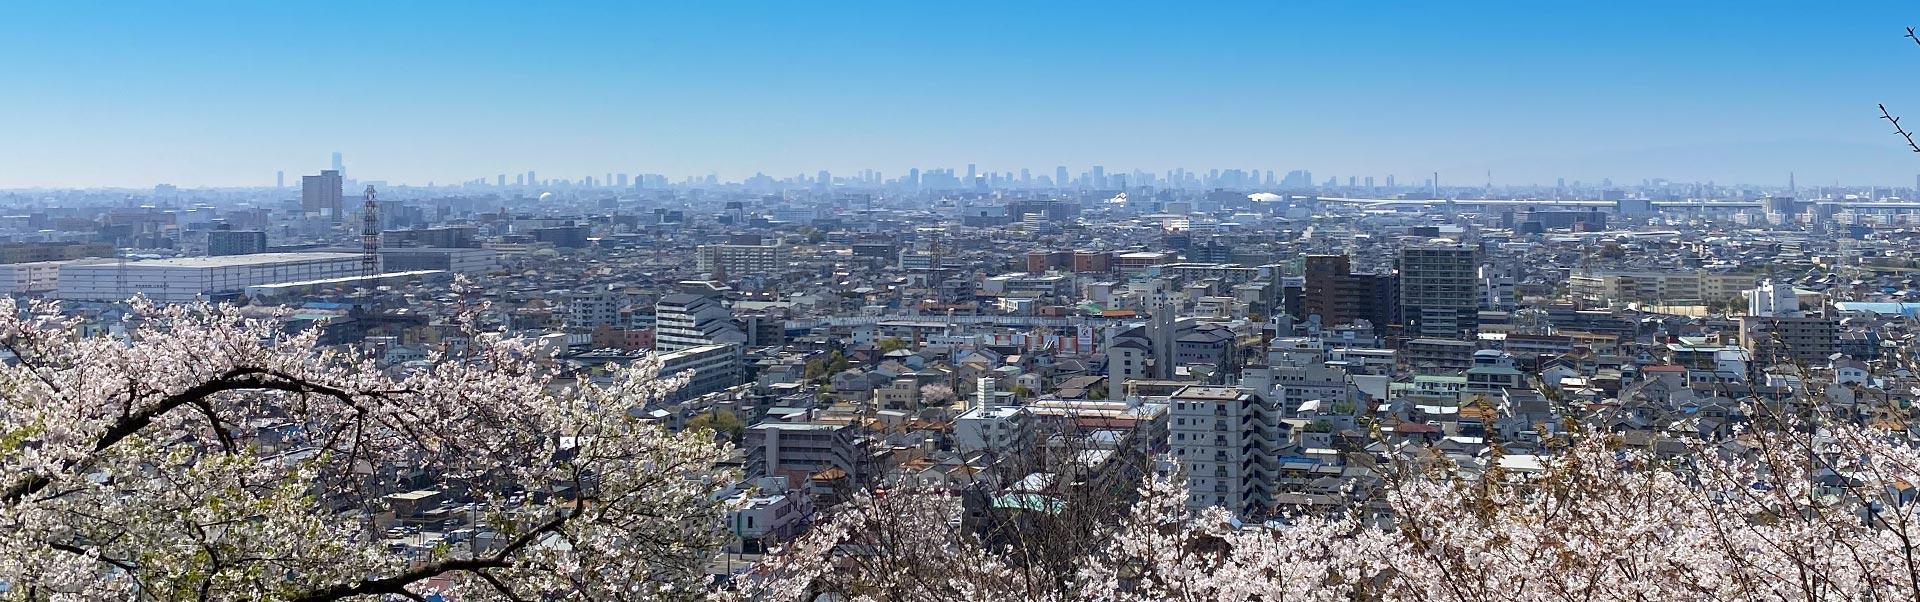 大東市を一望する写真